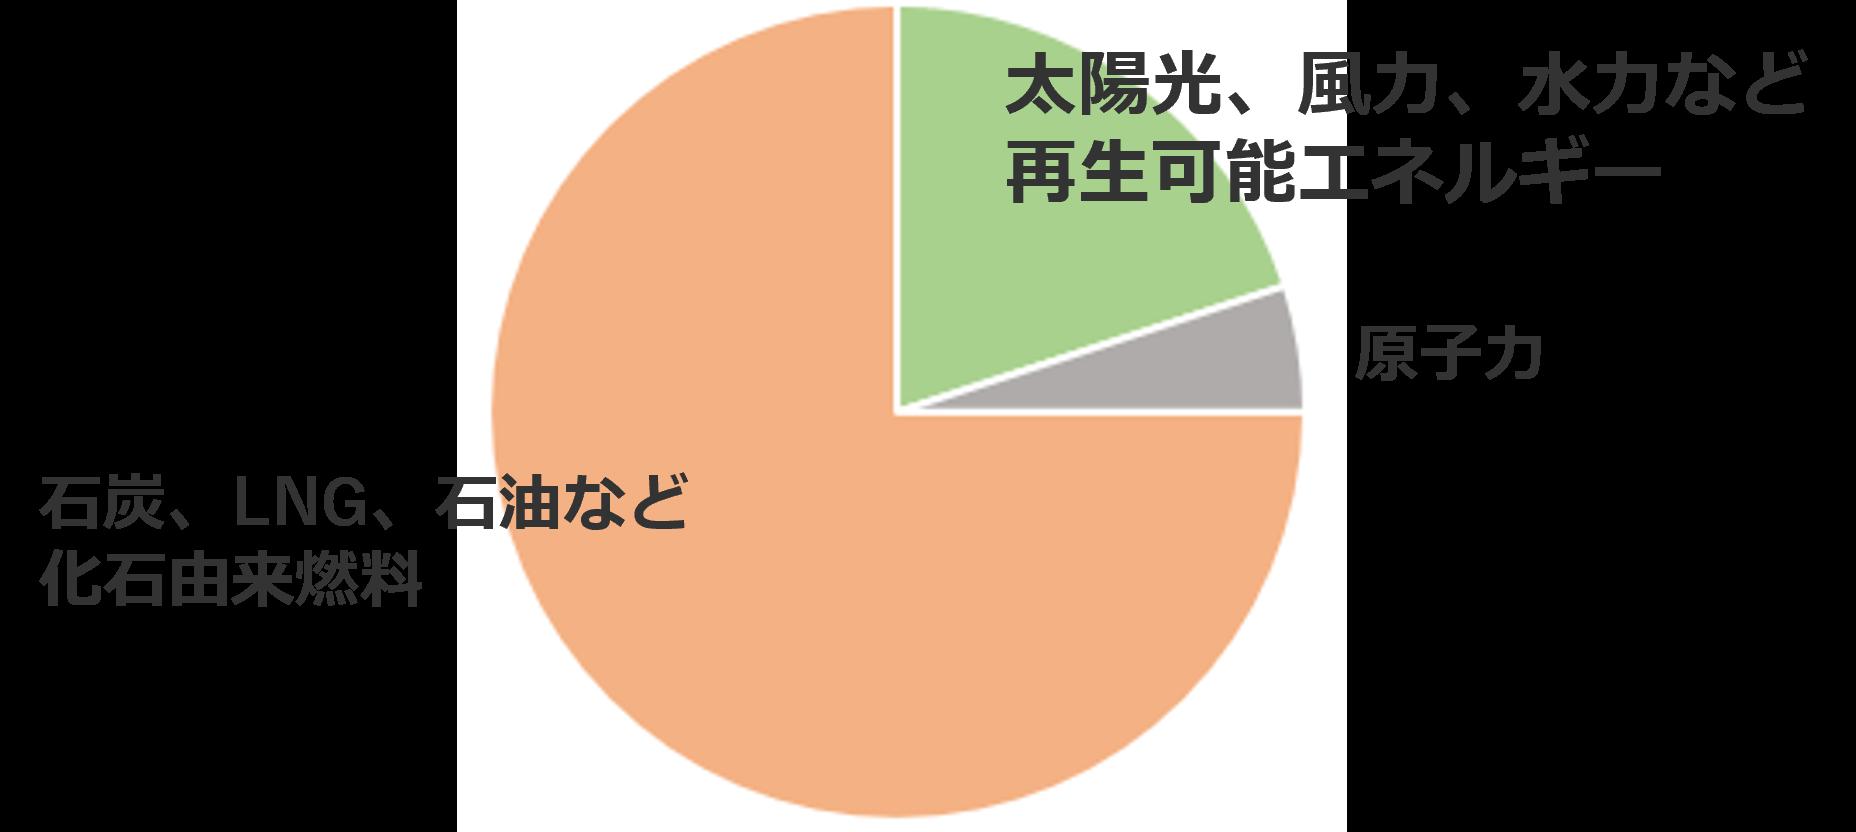 日本の電源構成イメージ